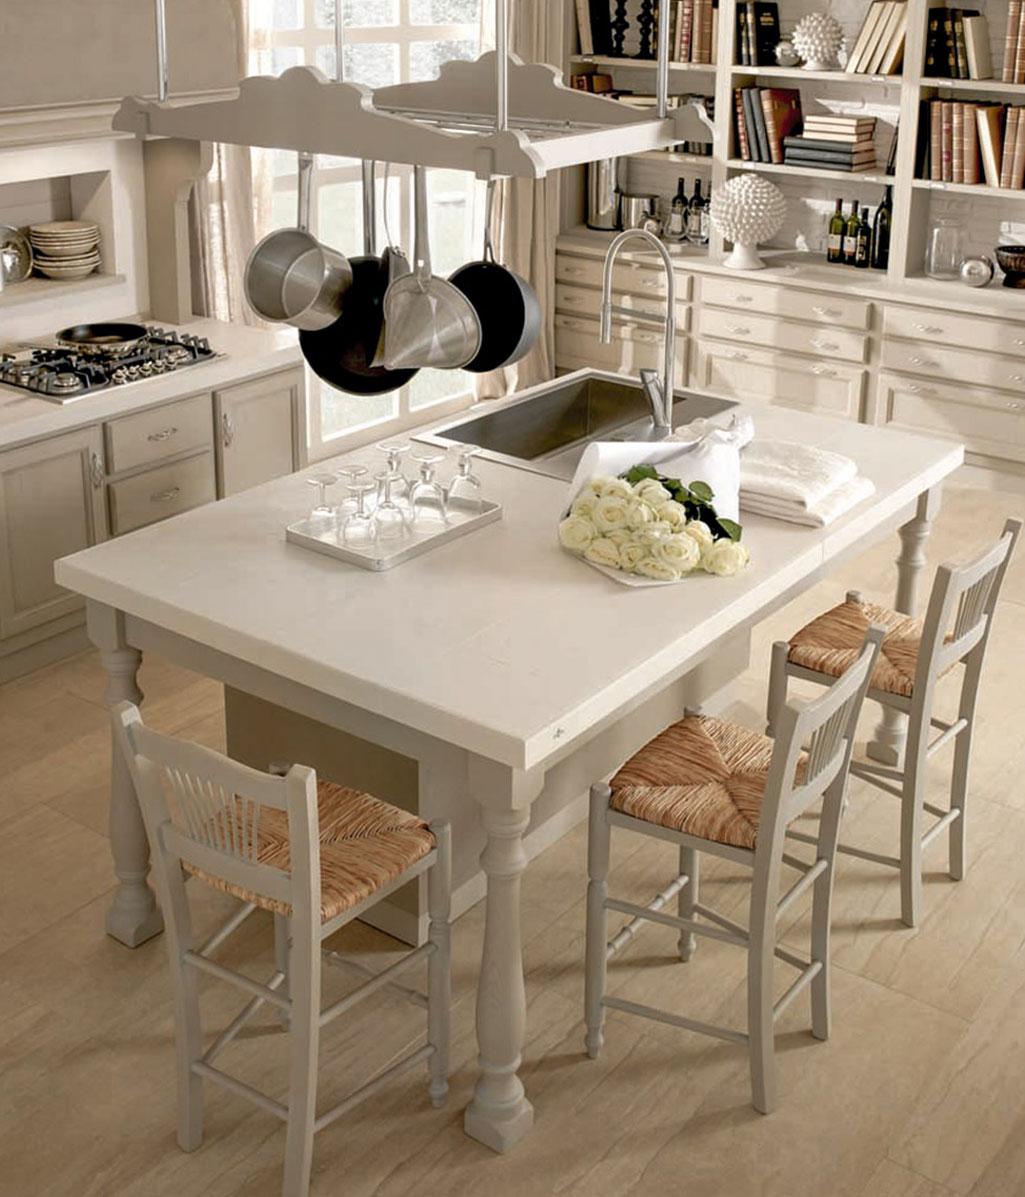 Cucine con angolo dispensa interesting cucine con dispensa ad angolo with cucine con angolo - Prezzi cucine su misura ...